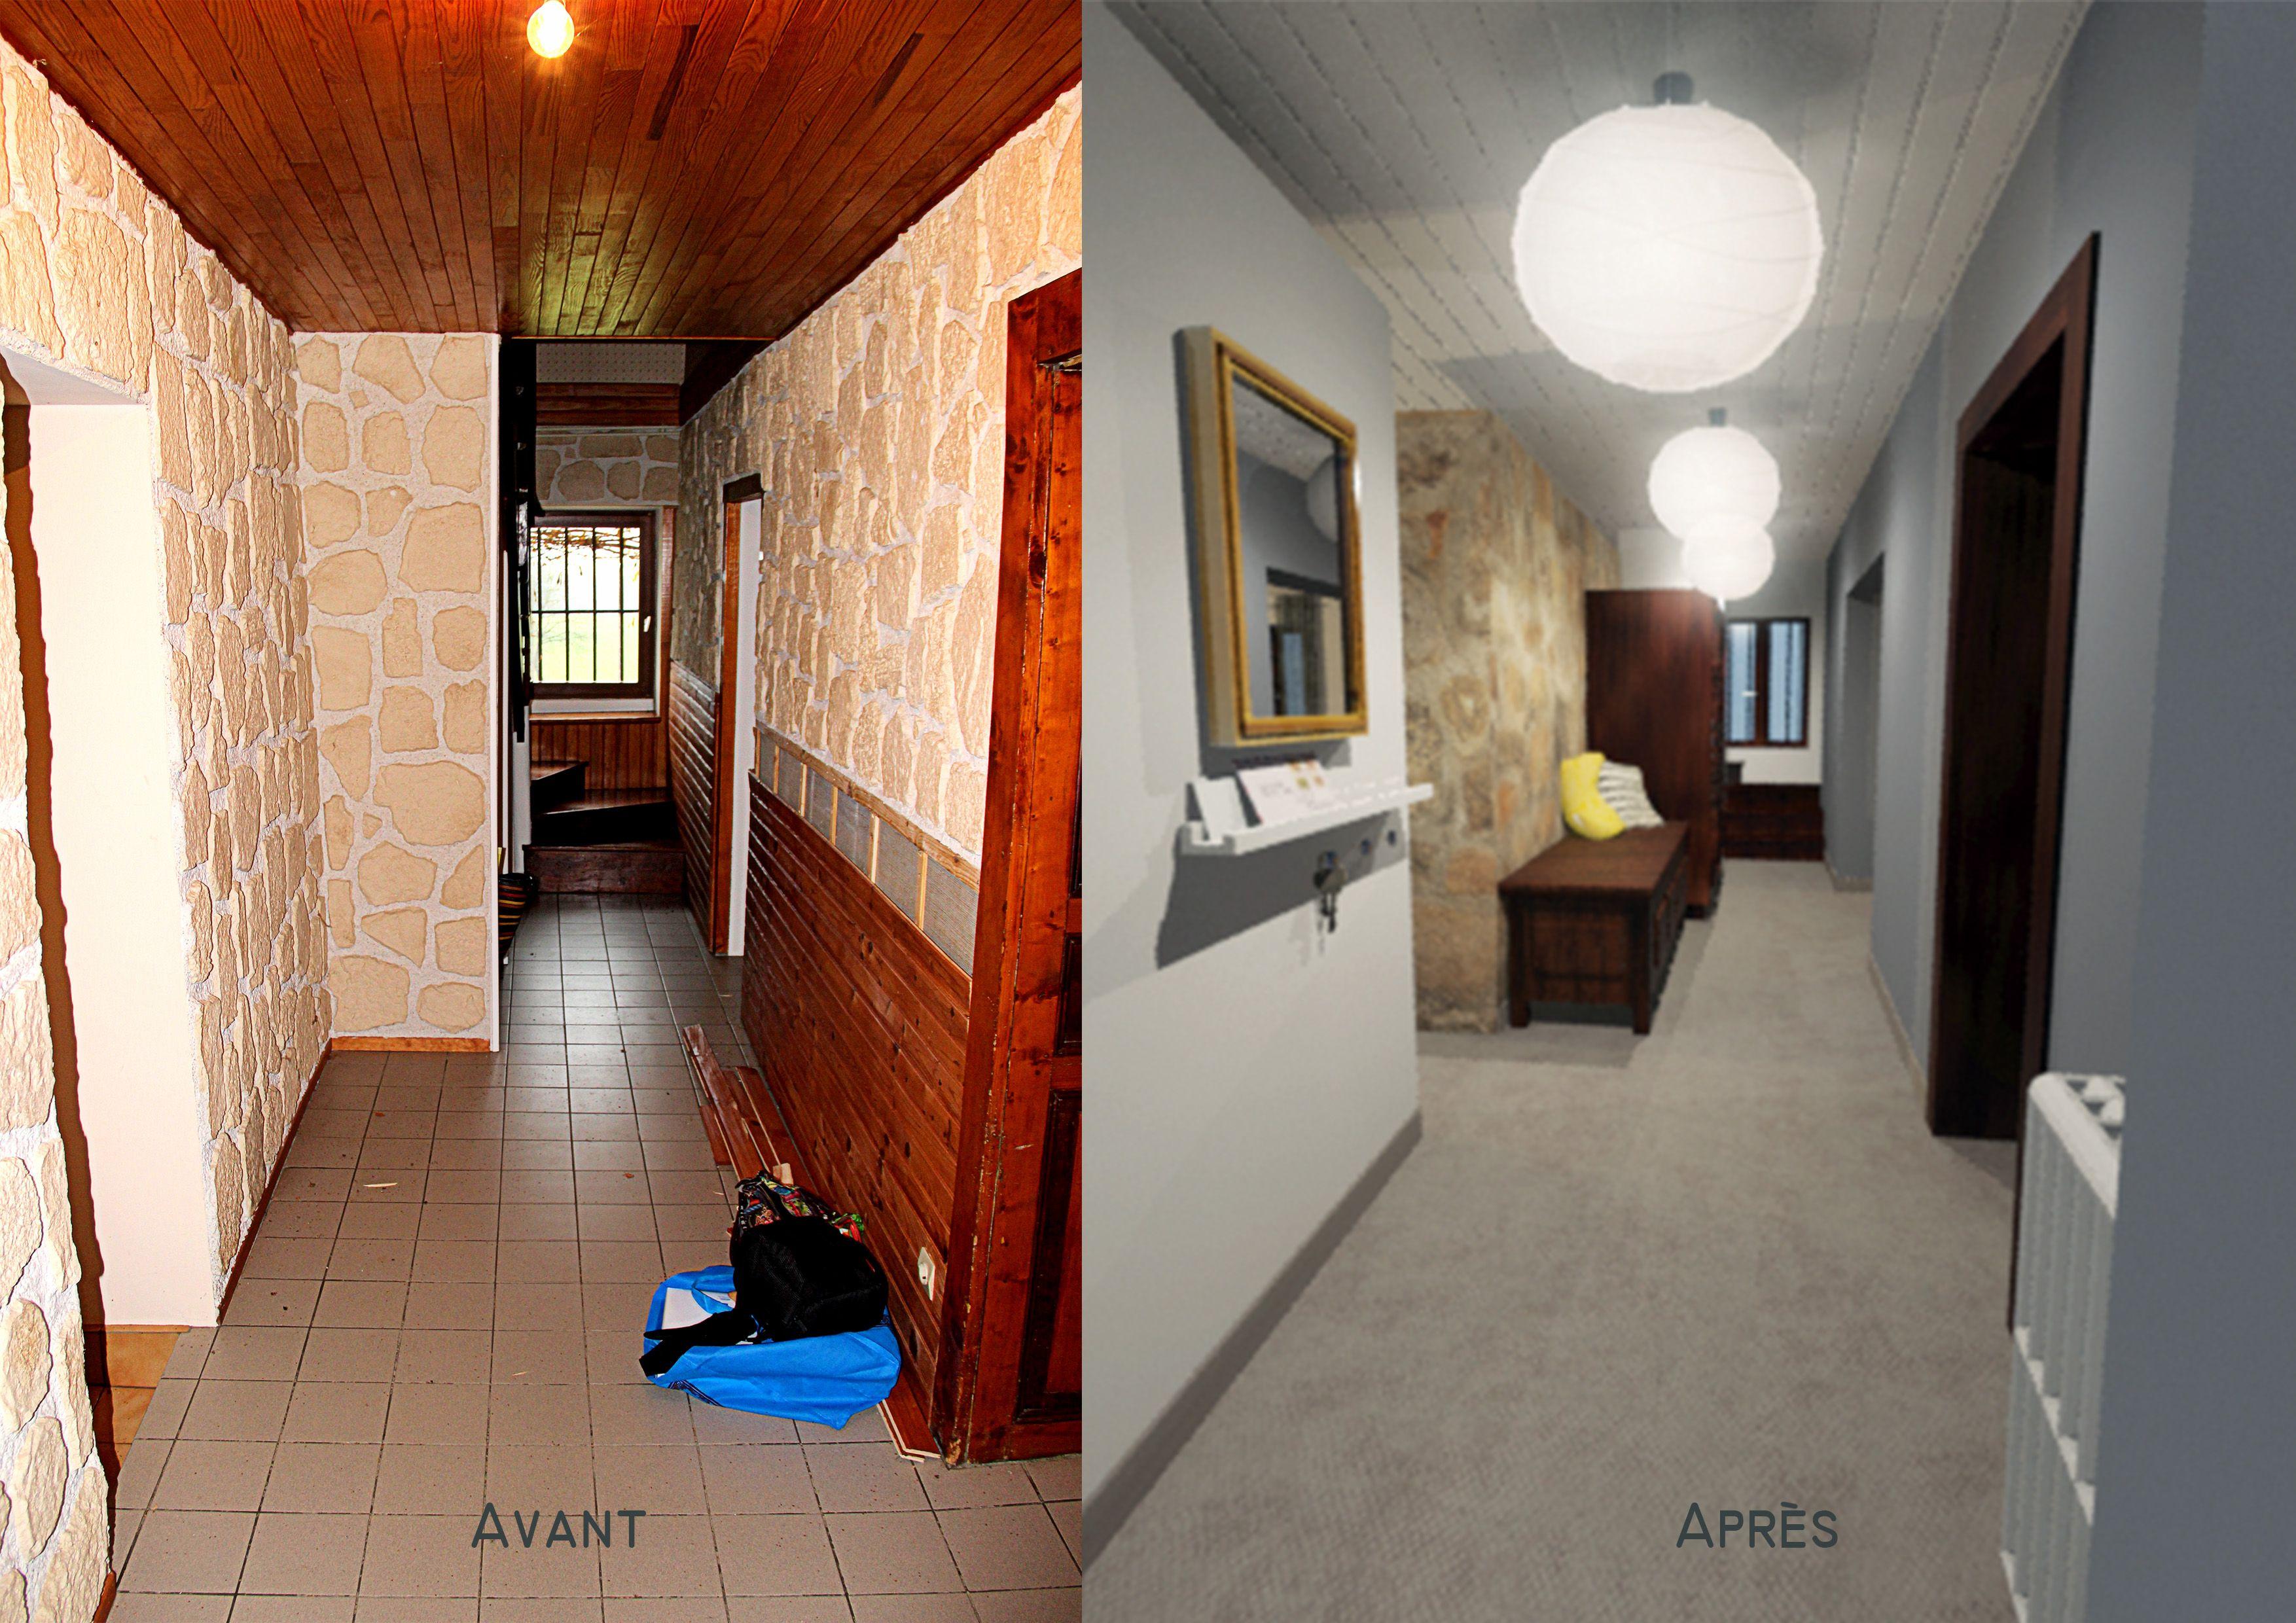 Home Staging Photos Avant Après couloir avant / après, home staging, réhabilitation, mur en